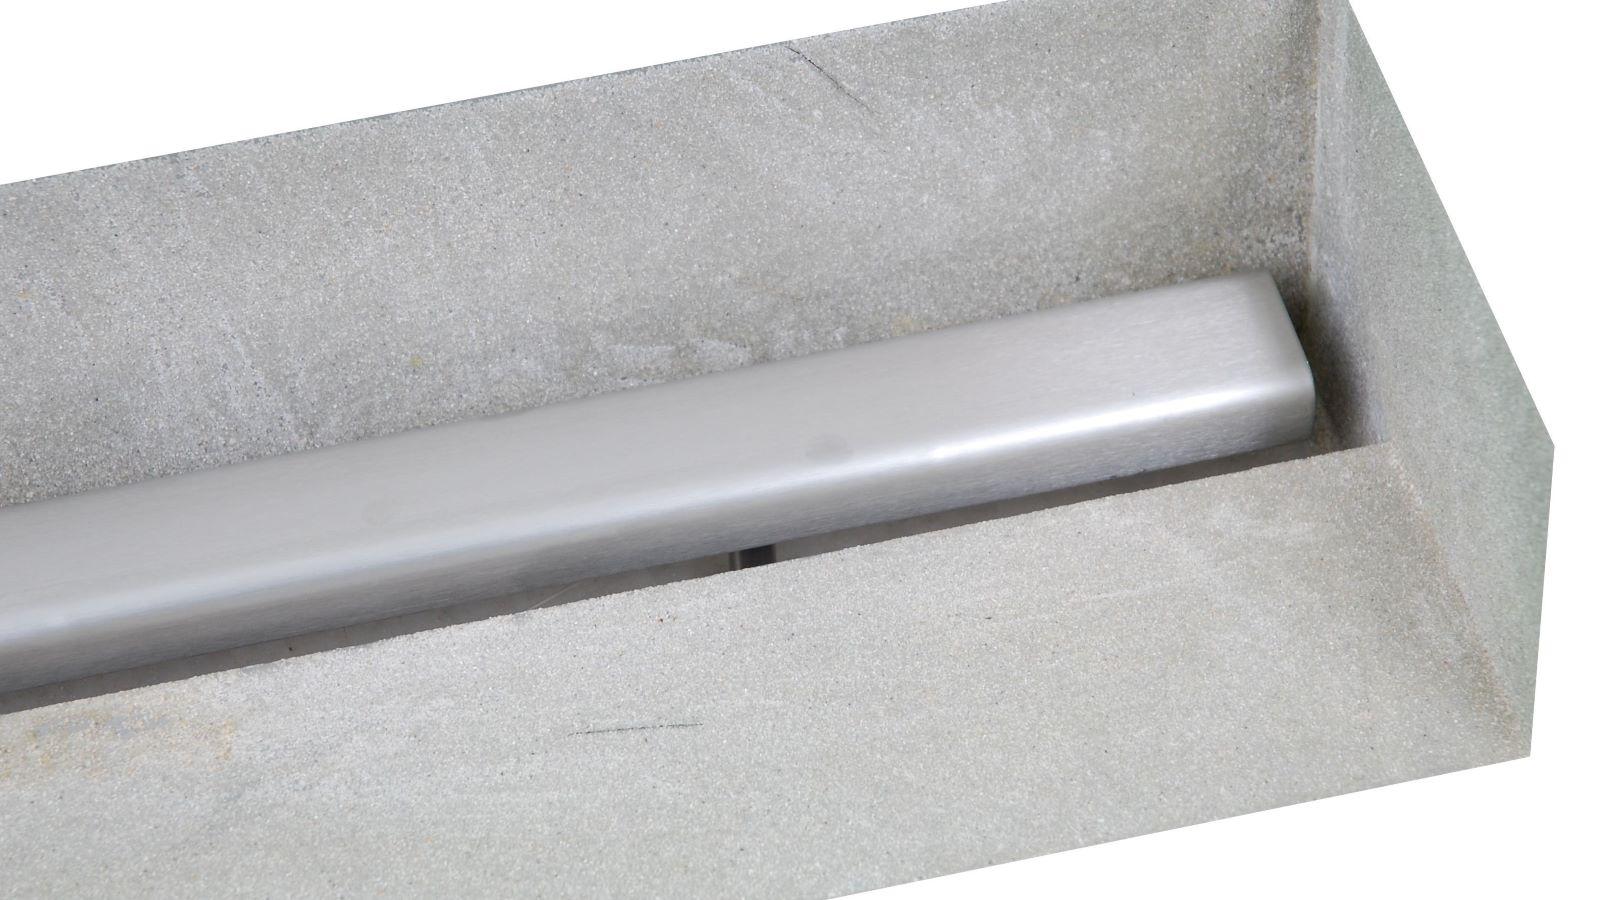 Die hochwertige v4a edelstahl-duschrinne pro, hier eine sonderanfertigung mit einer aufkantung rechts, fuer den wandbuendigen einbau rechts in einer wandecke. Der breite, besandete klebeflansch sorgt fuer eine sichere abdichtung. Die massgefertigte duschrinne pro sorgt in jeder individuellen duschsituation fuer eine sehr gute entwaesserung. Auf dem bild sieht man die sehr flache duschrinne pro mit der dezenten edelstahl-abdeckung.